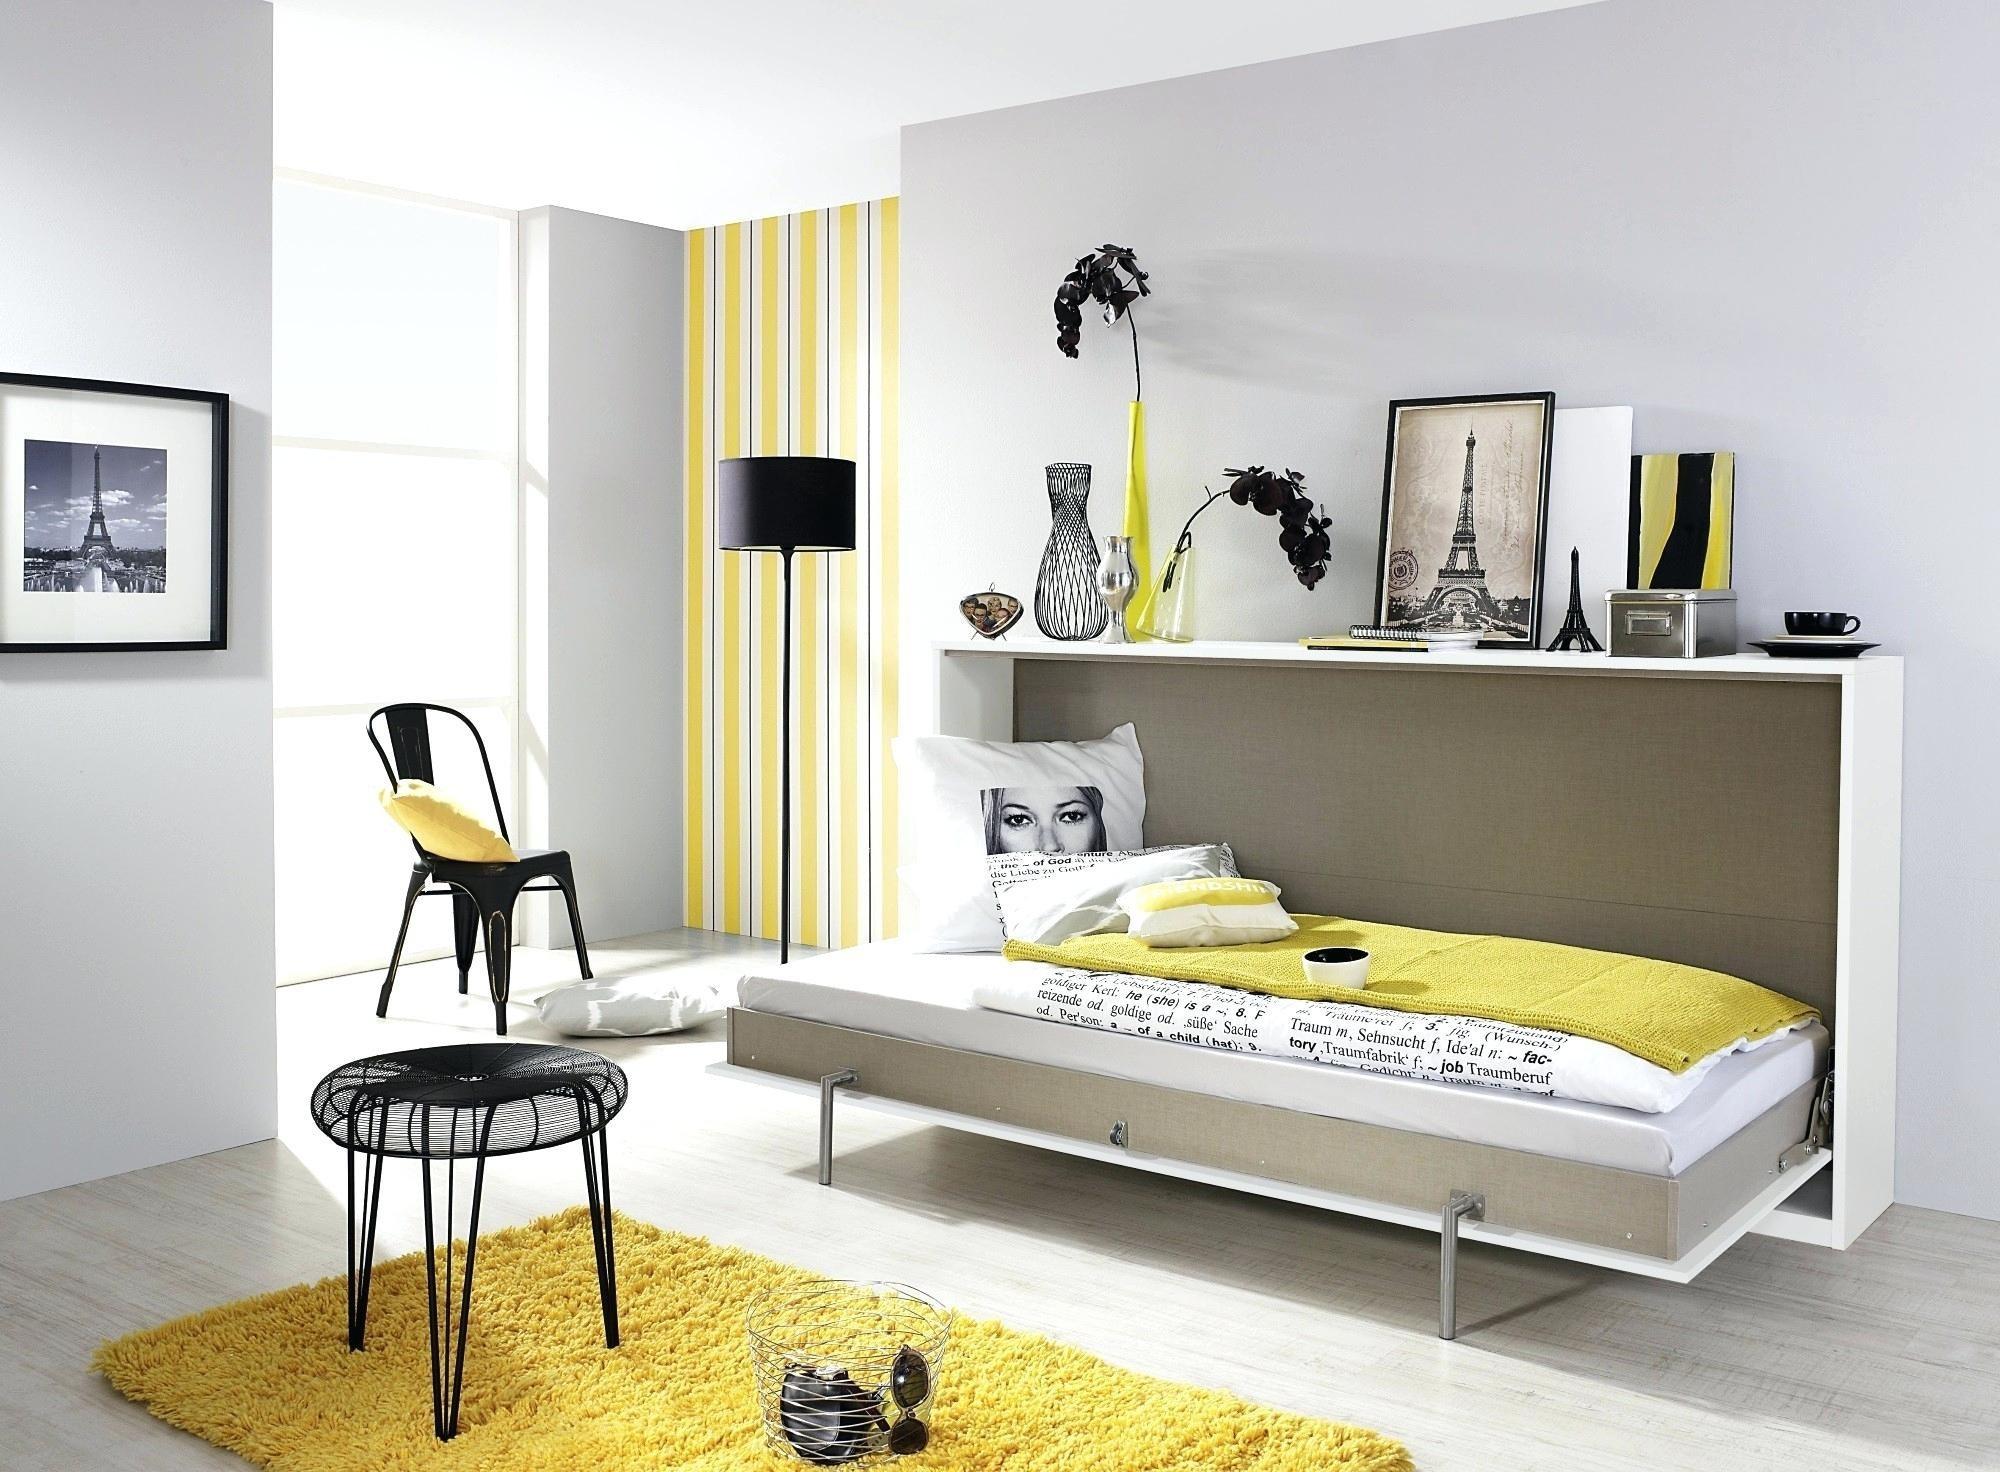 Lit Gigogne Merisier Inspirant Galerie Copspy Maison Et Design D Intérieur